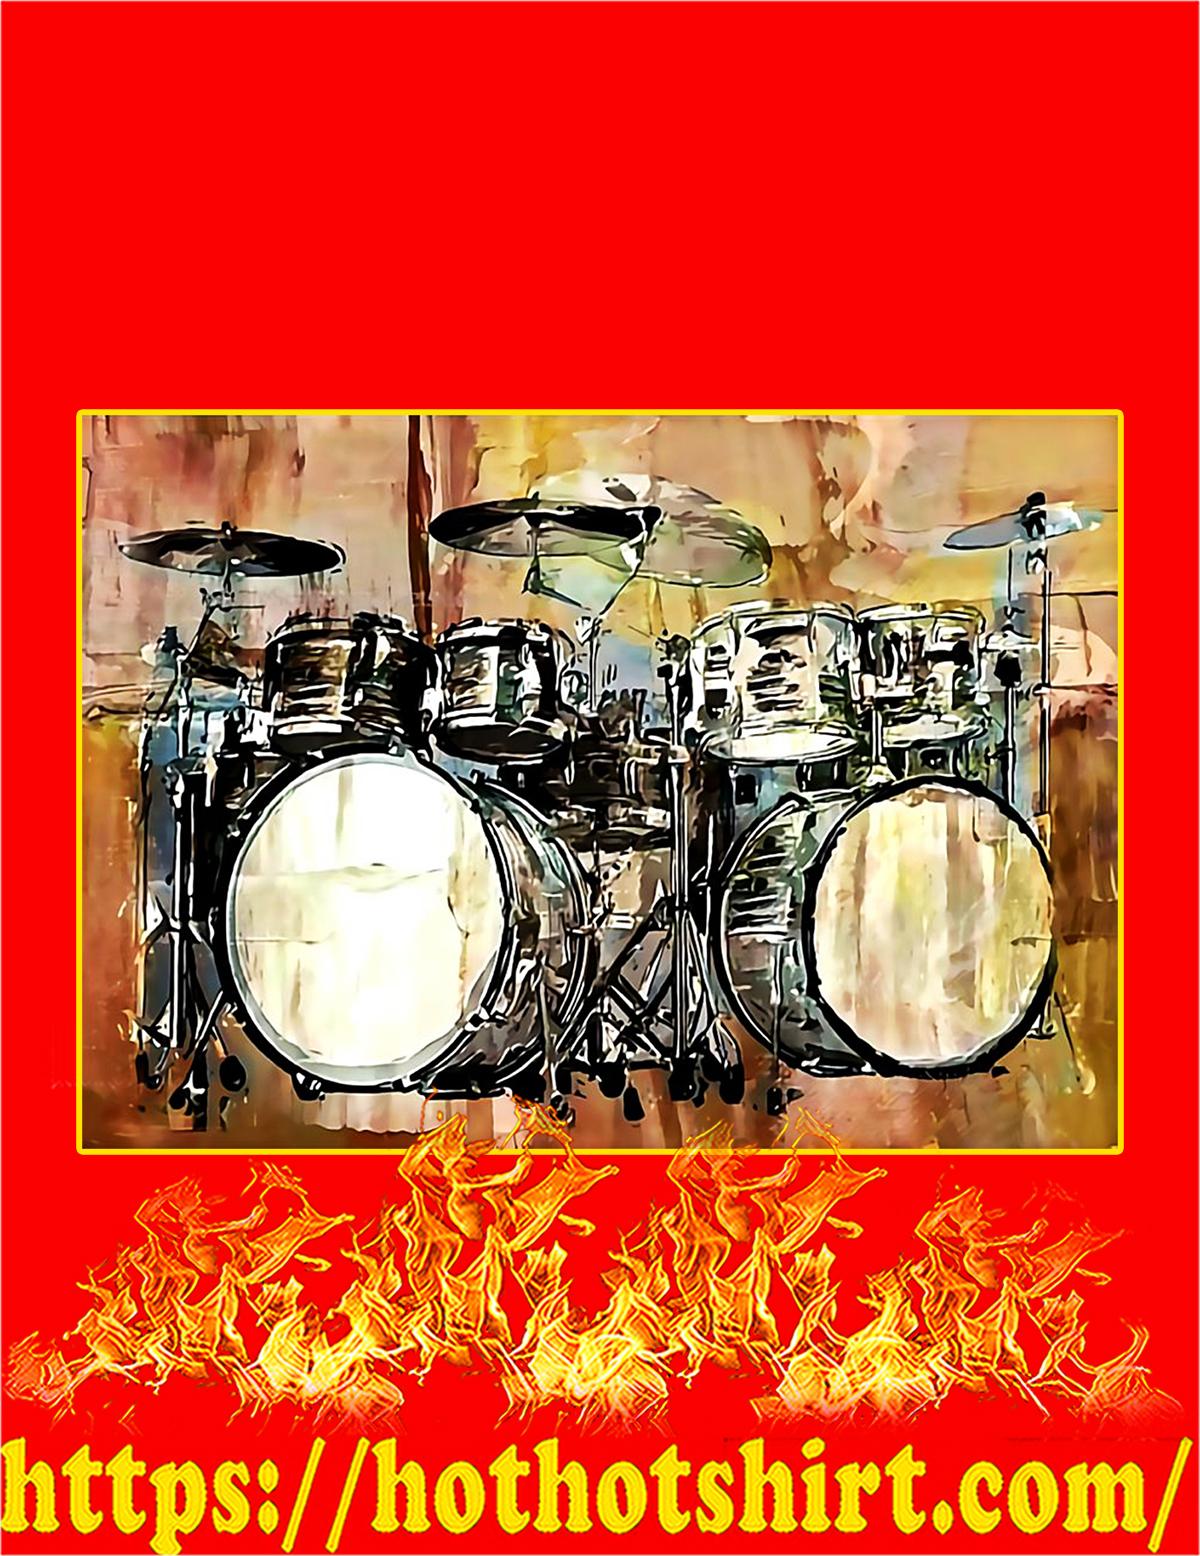 Drummer Vintage Drum Set Poster - A3